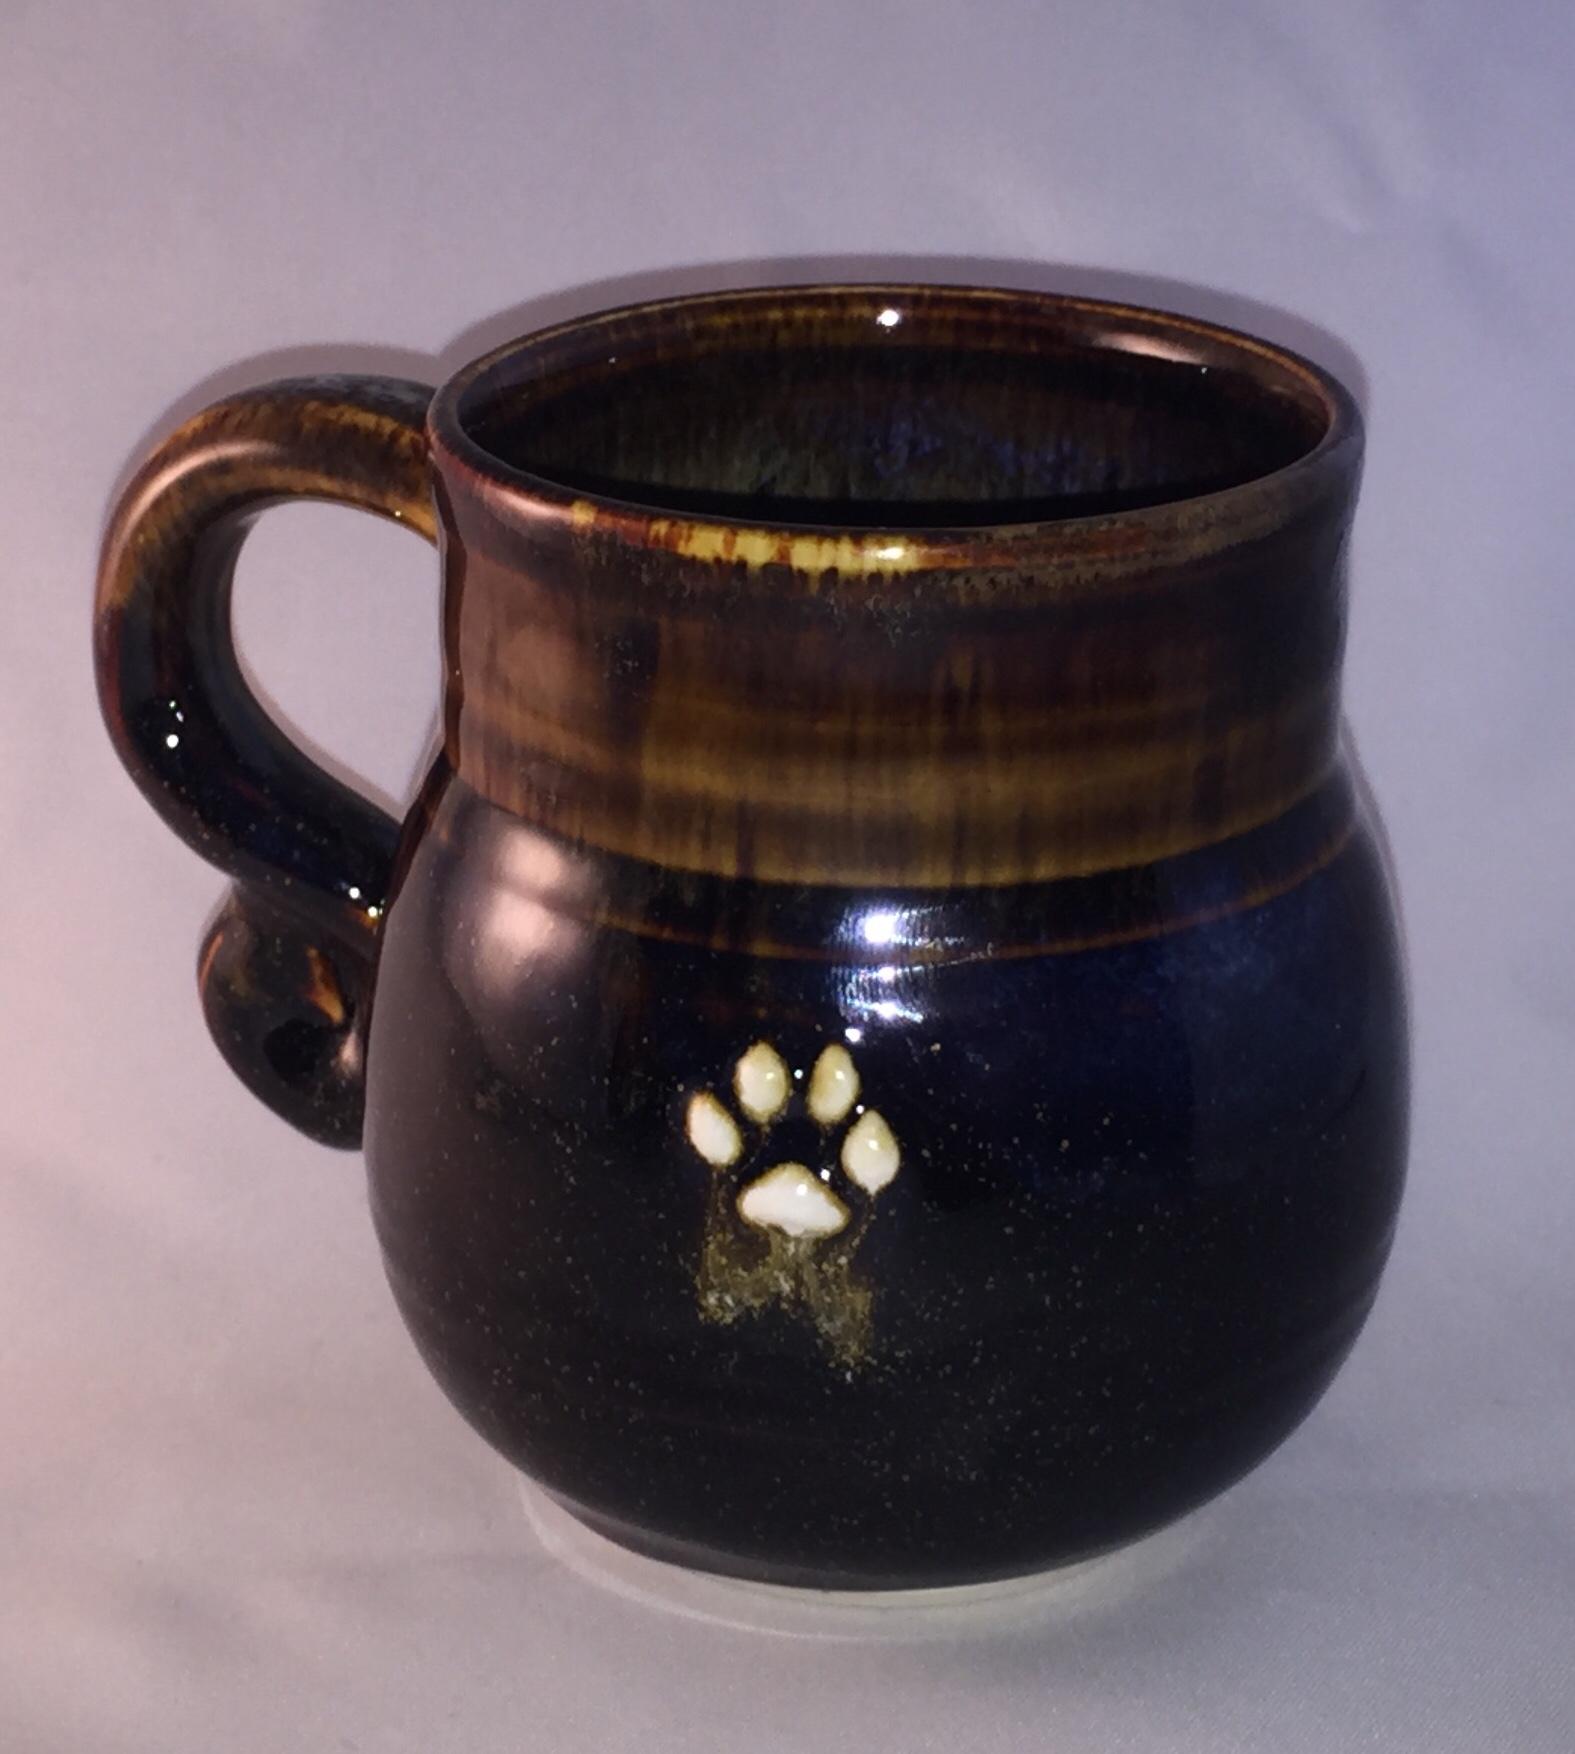 Bear Clan Spirit Handmade Pottery Mug